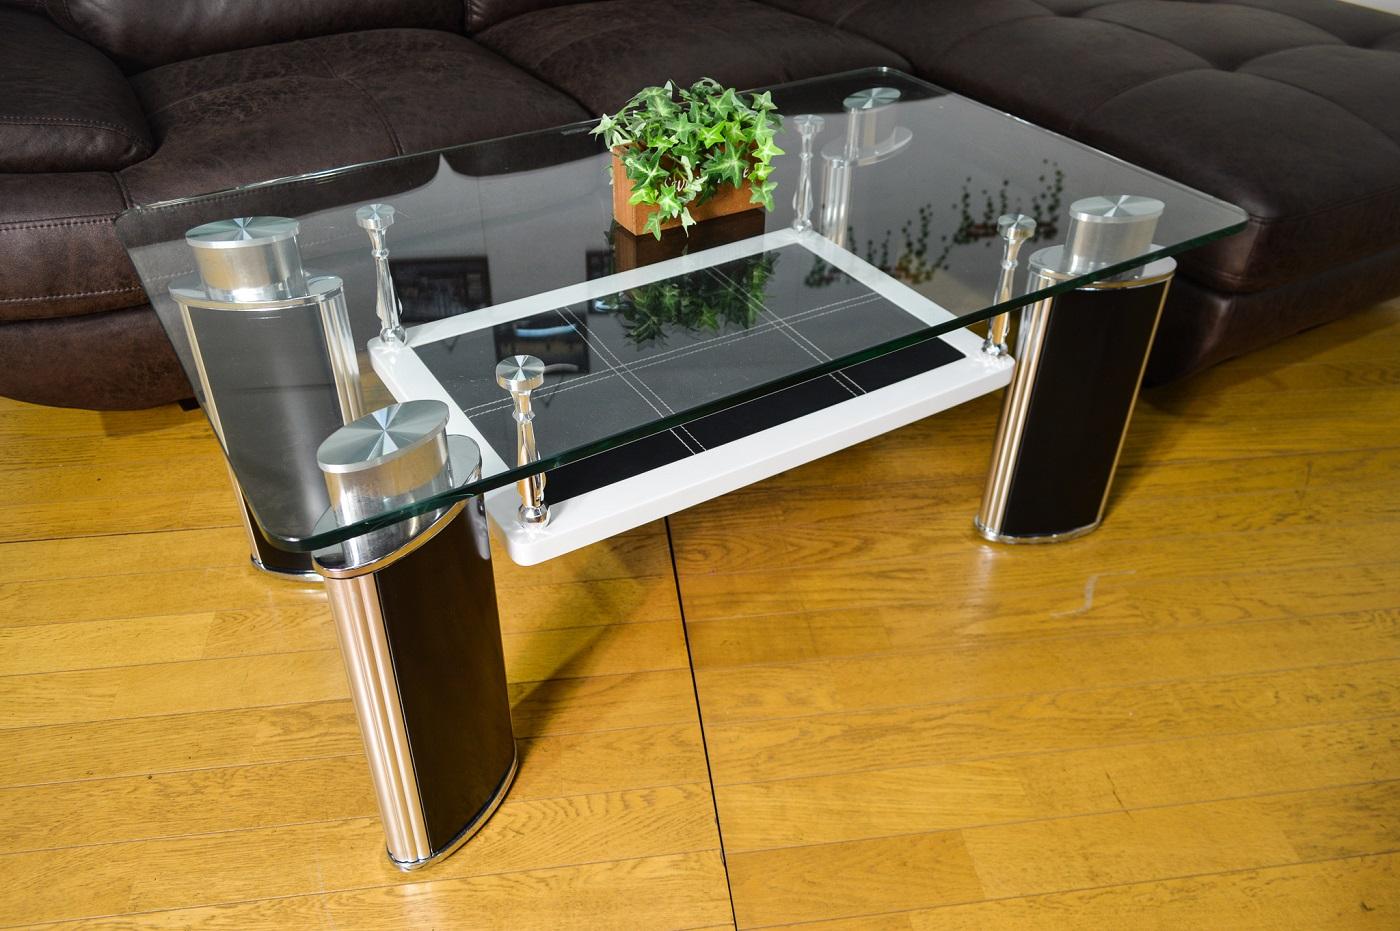 【送料無料】 100 センターテーブル ミラ 完成品 ホワイト ガラス テーブル ブラック 収納 シック 北欧 モダン リビング 応接 ローテーブル